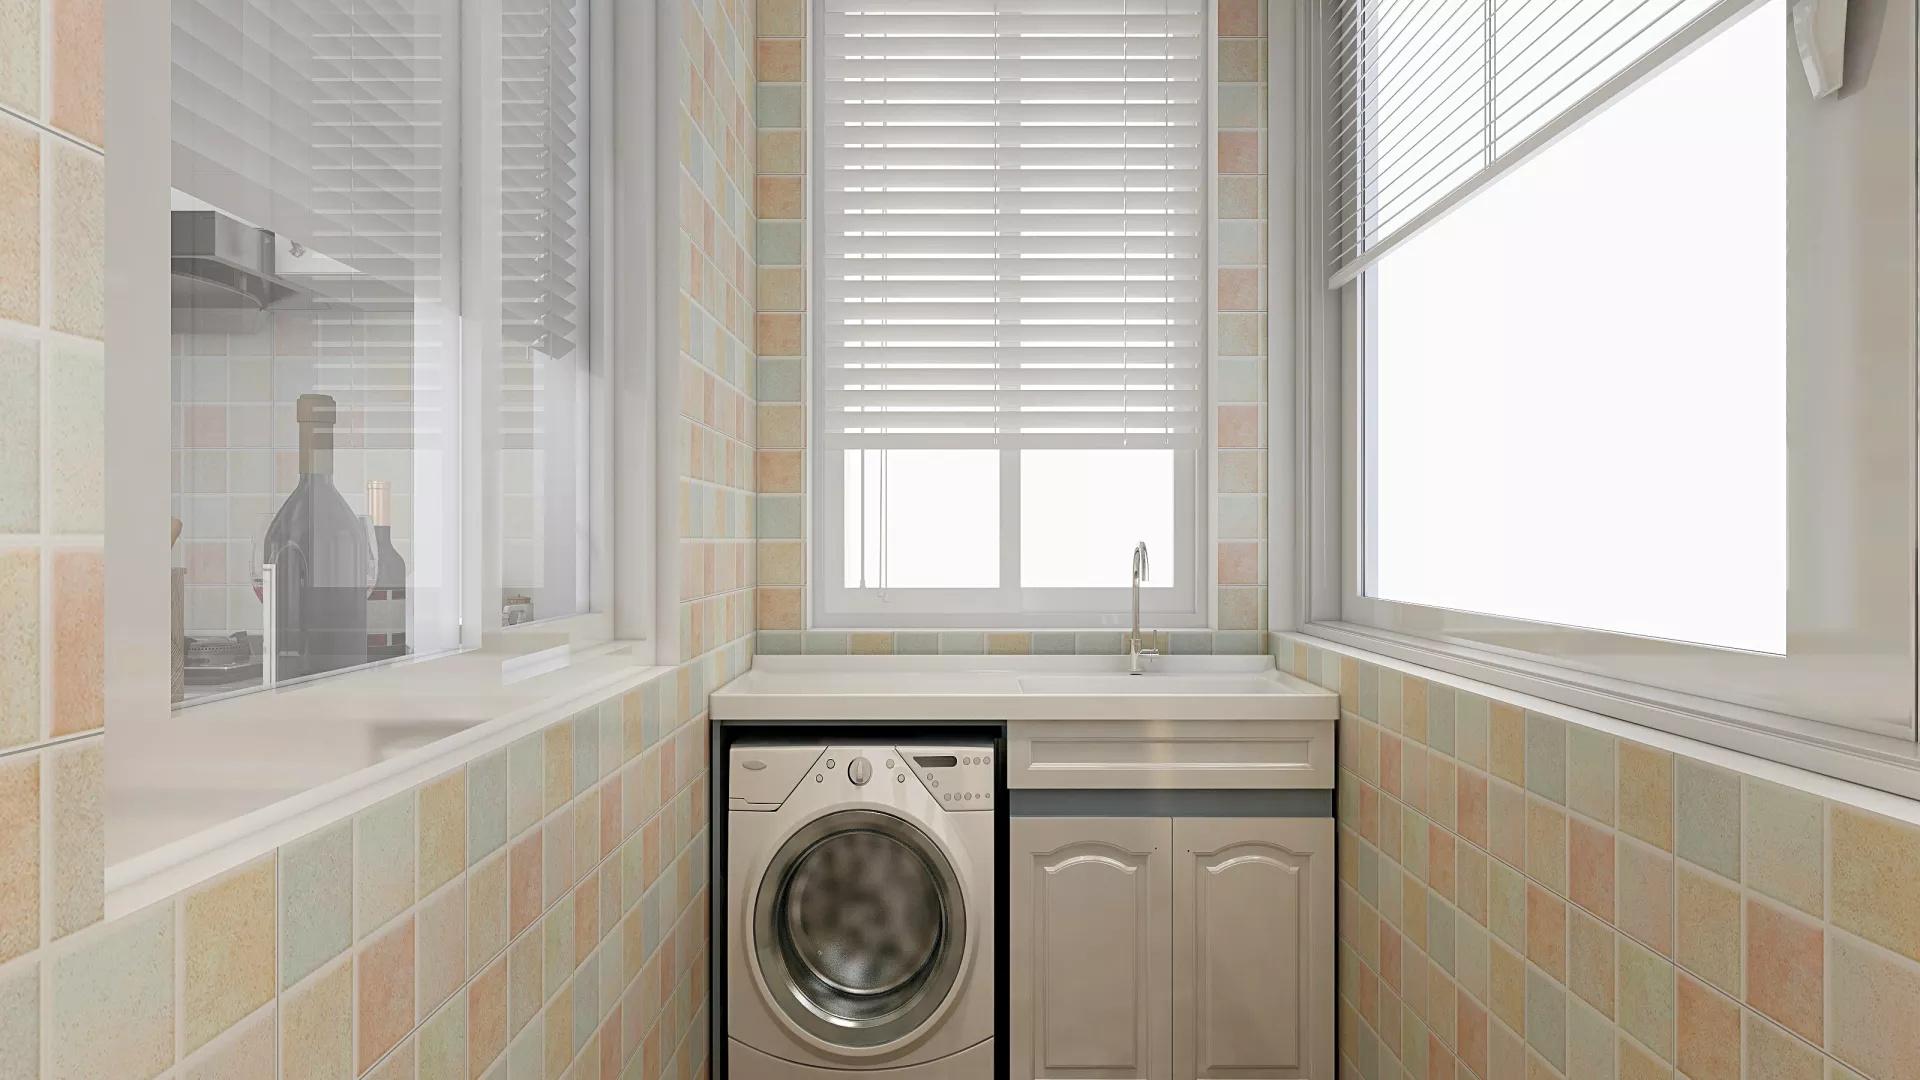 厨房隔断窗帘挂什么材质好 厨房隔断帘如何选购